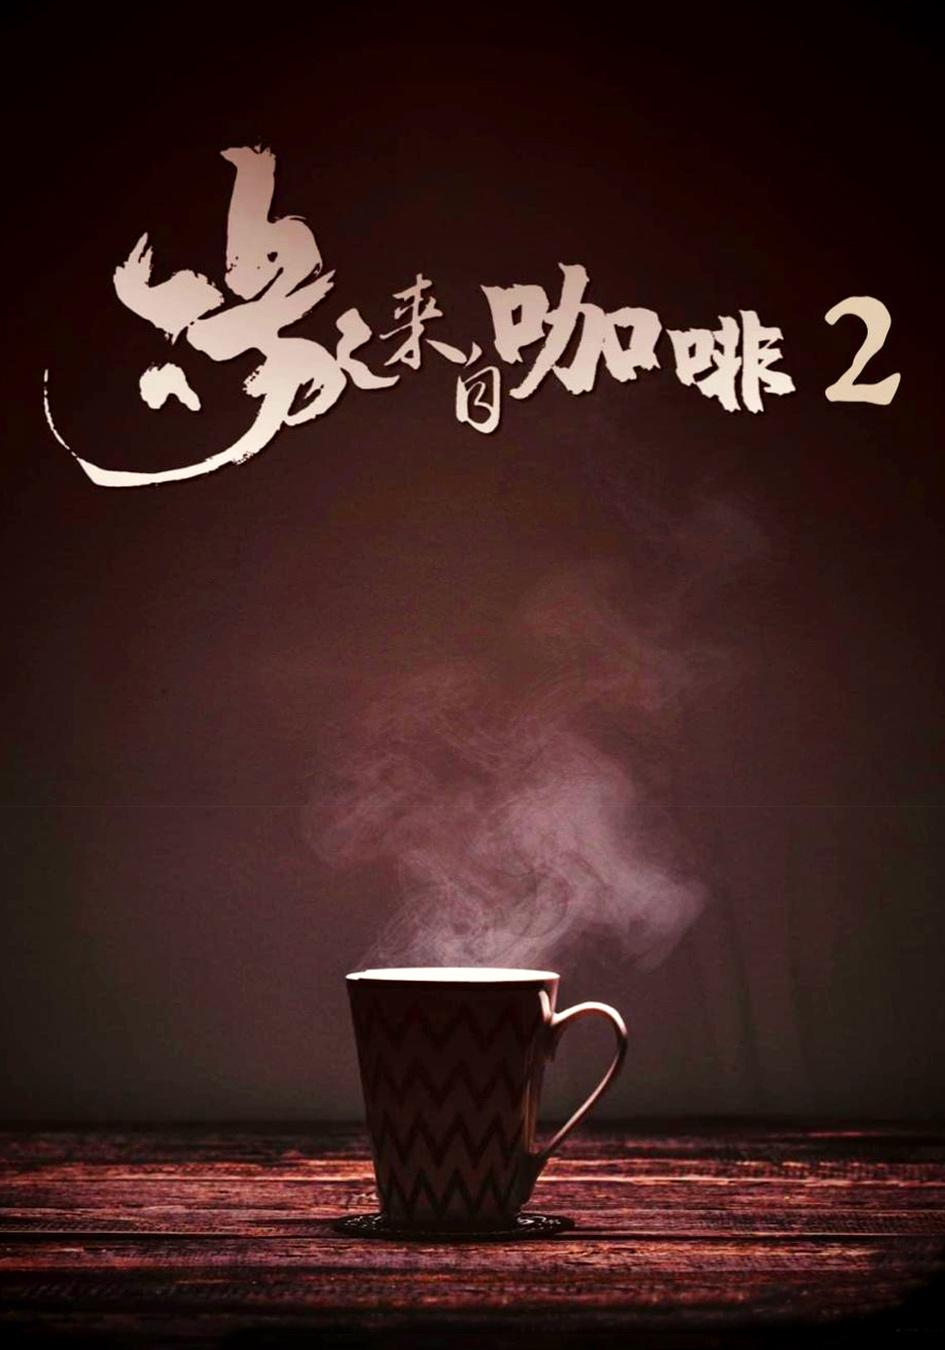 緣來自咖啡2- Coffee You And Me Sr. 2